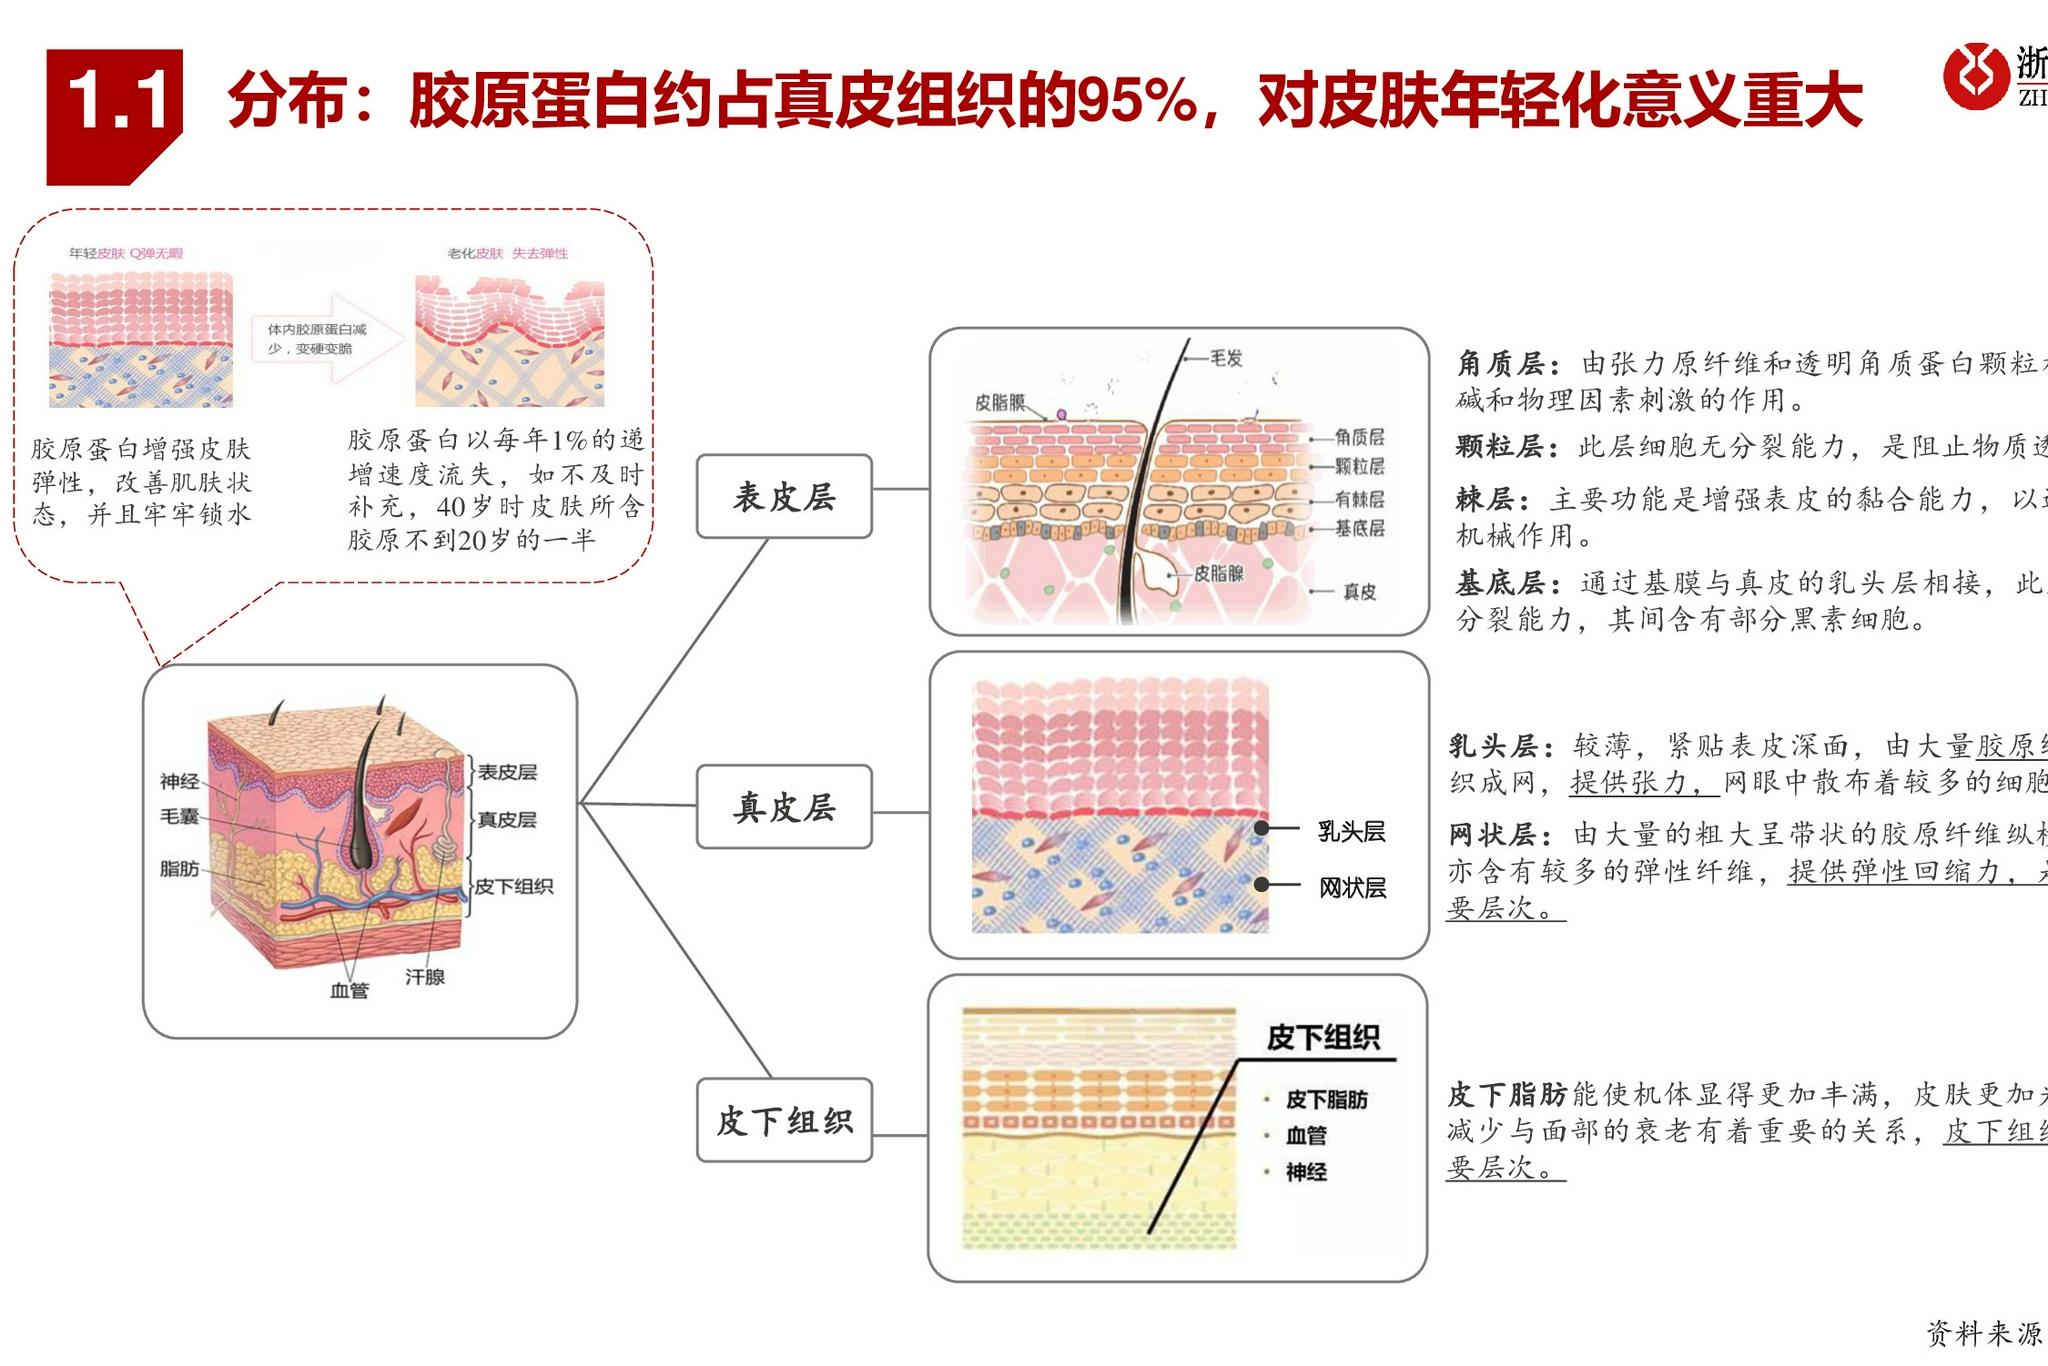 胶原蛋白行业深度研究报告:与玻尿酸并驾齐驱的掘金赛道